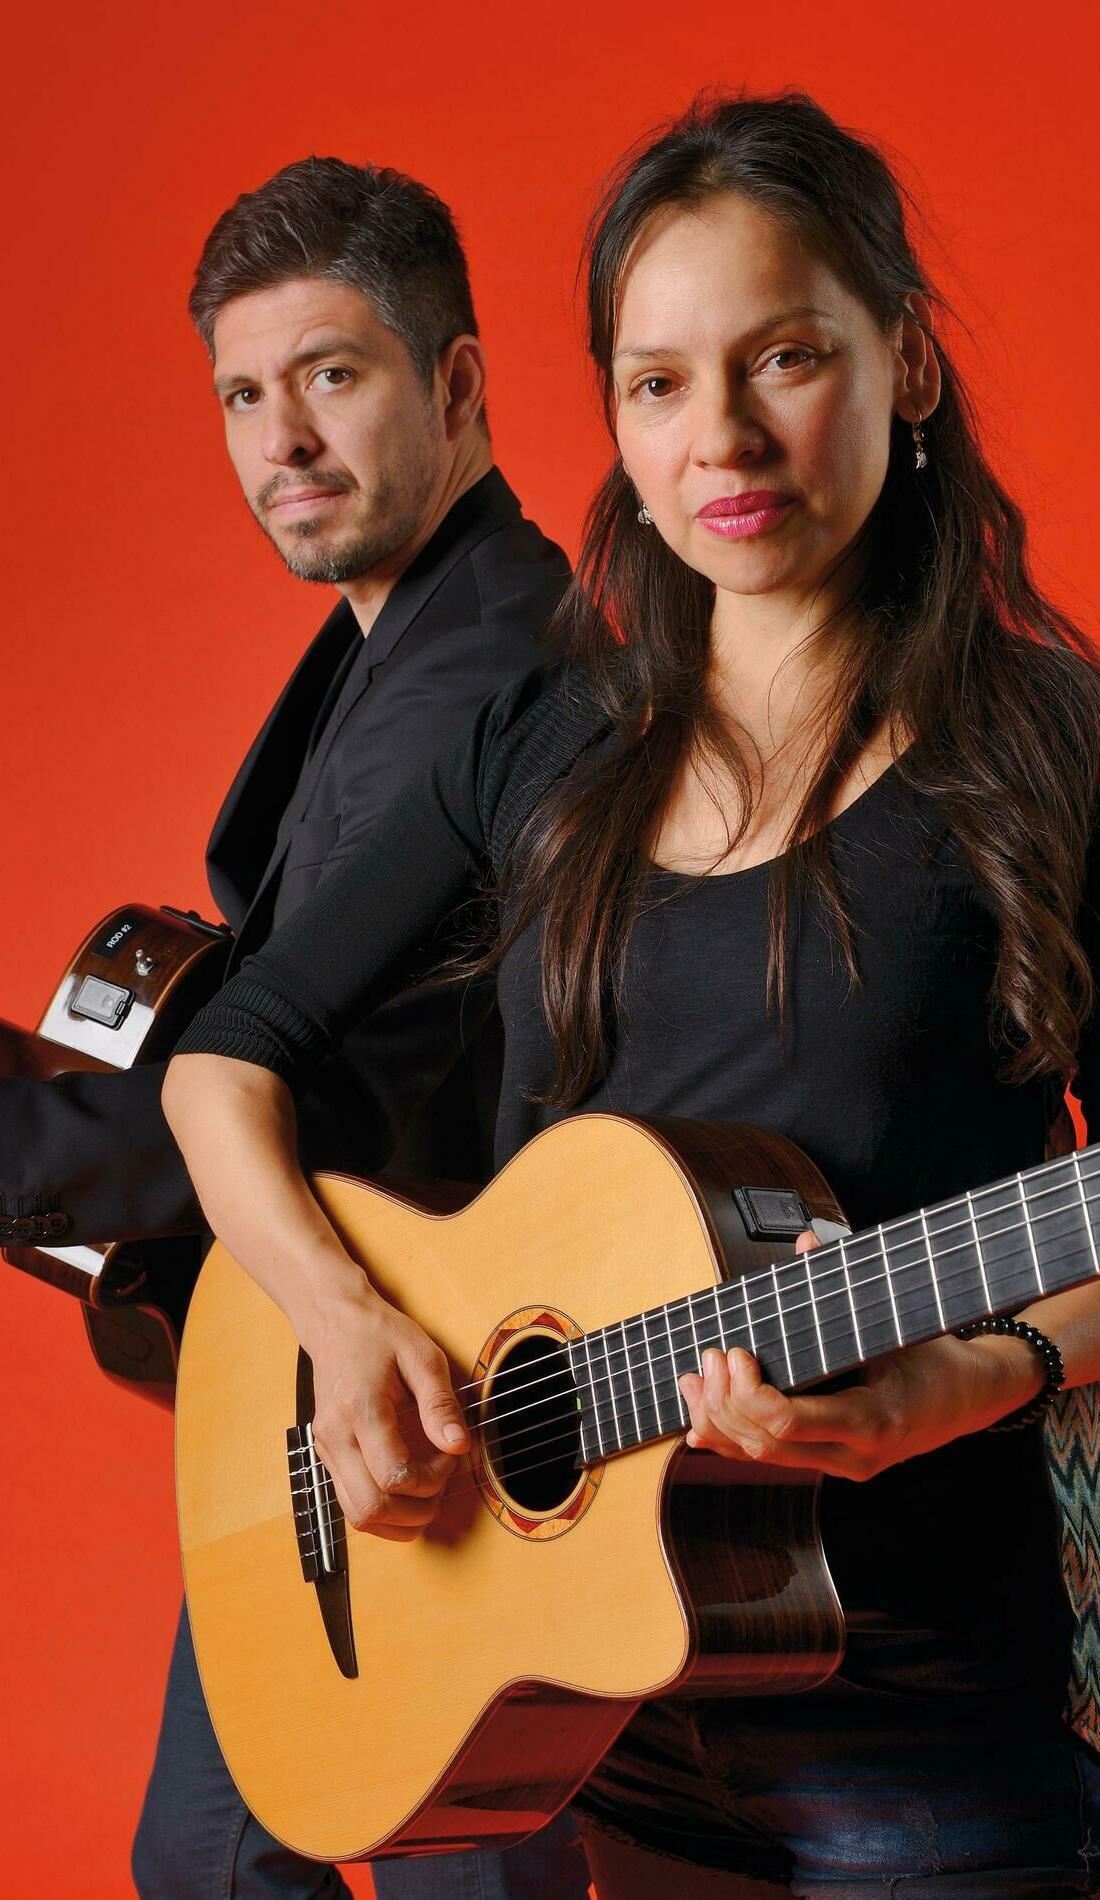 A Rodrigo Y Gabriela live event